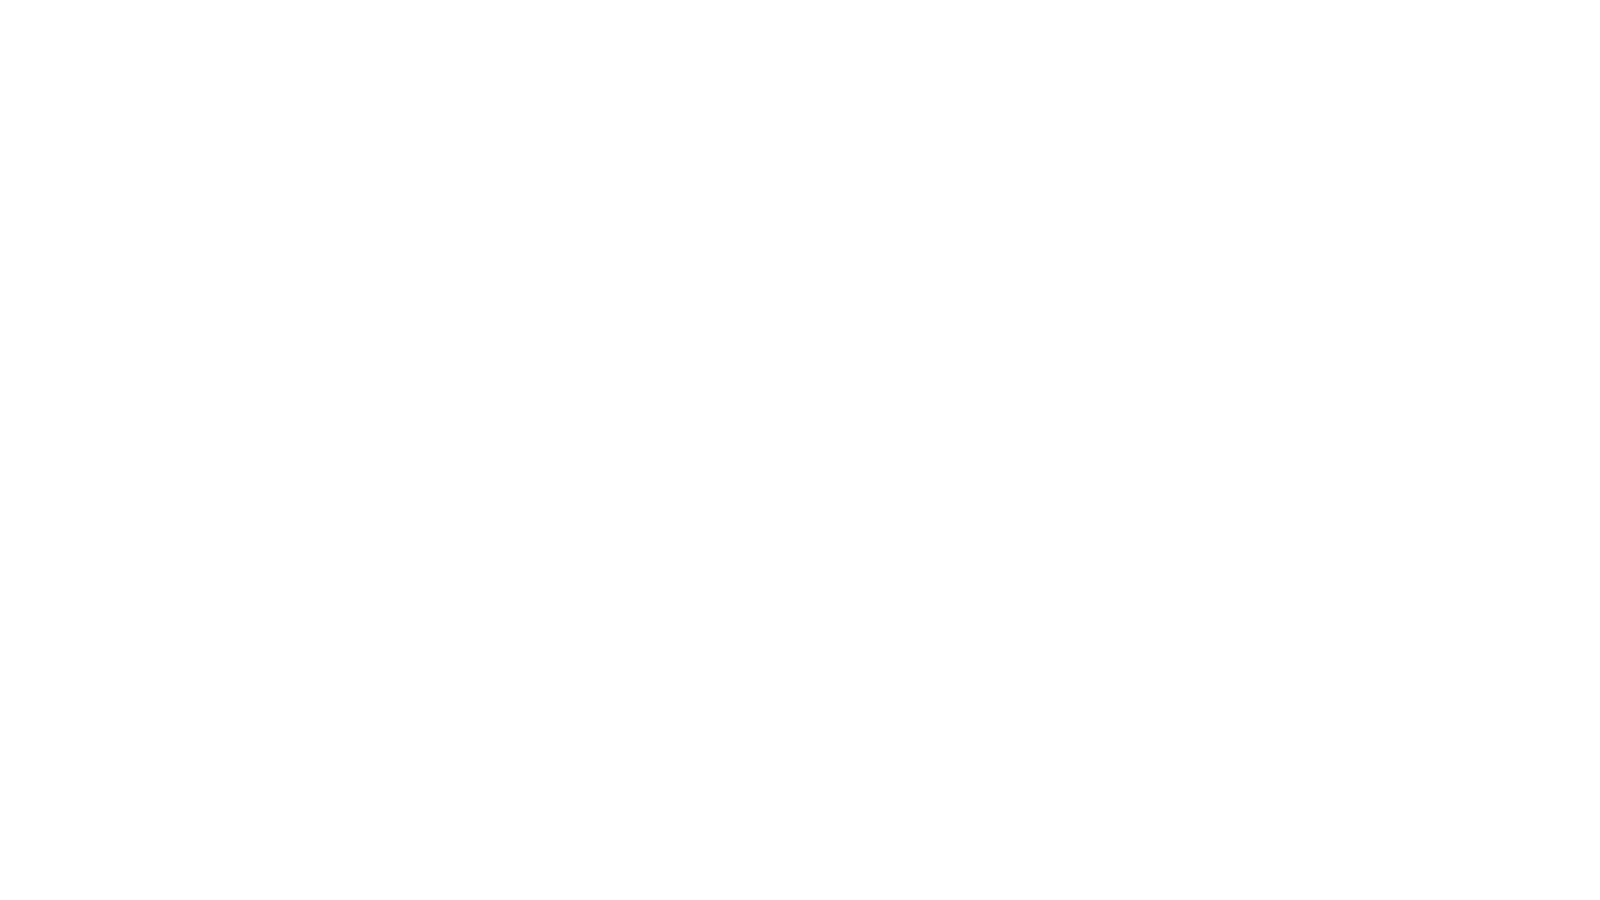 Si tratta di una norma internazionale nata dal riconoscimento che le armi nucleari rappresentano un rischio umanitario inaccettabile: una detonazione su una città causerebbe una devastazione ben oltre la nostra capacità di far fronte agli impatti sui civili.   La nostra azione continua! Ti chiediamo di sostenerla perché anche il nostro Paese possa ripensare la propria posizione e lavorare per un mondo libero dalle più potenti e devastanti armi di distruzione di massa mai costruite… ricordandoci della nostra umanità!   #ItaliaRipensaci #NuclearBan